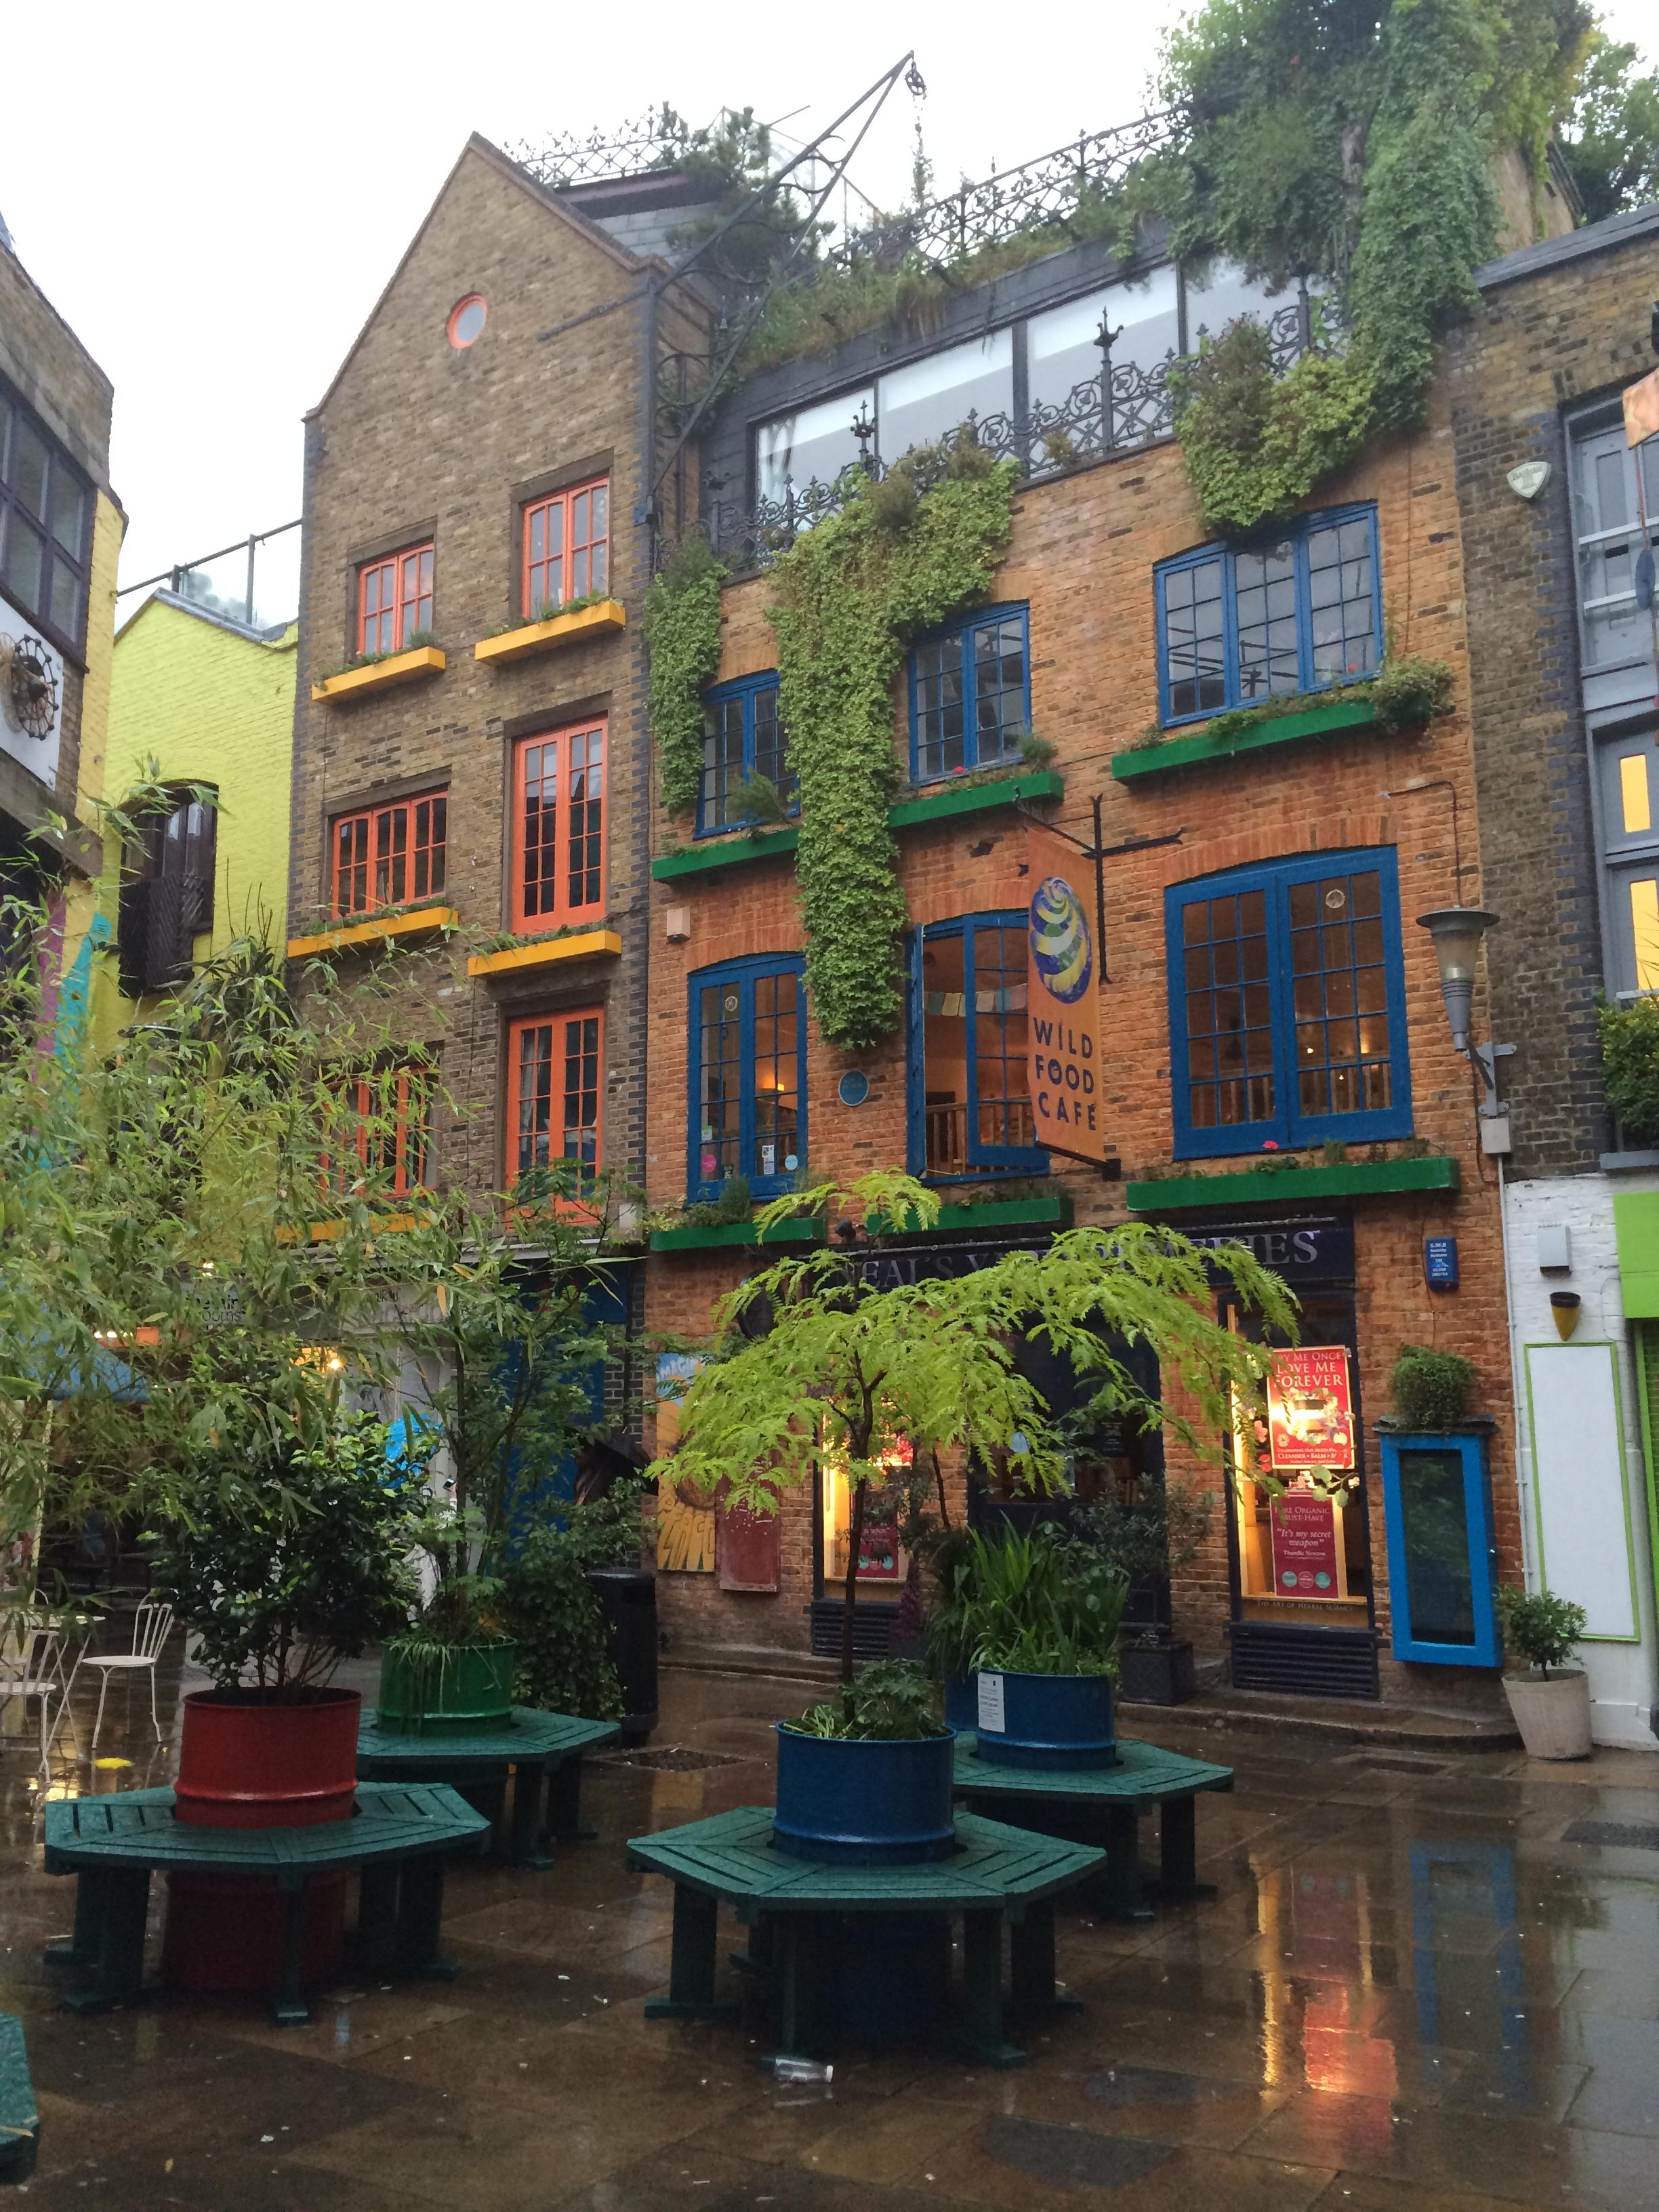 Neal's Yard – живописный, яркий лондонский дворик с магазинами. Здесь светло даже в самый пасмурный лондонский день